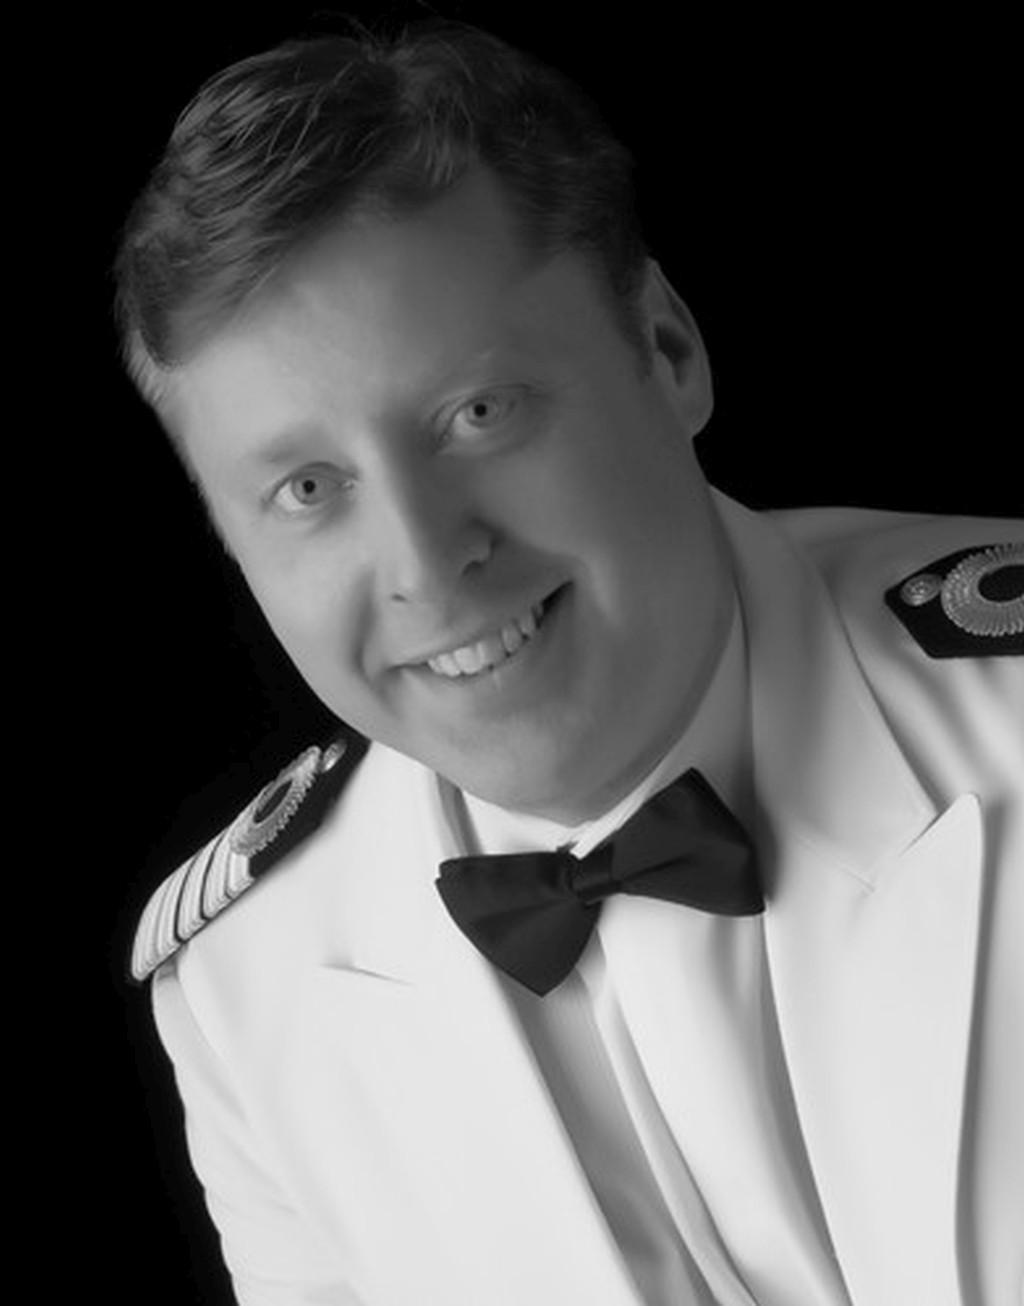 Emiel de Vries, Captain, Koningsdam